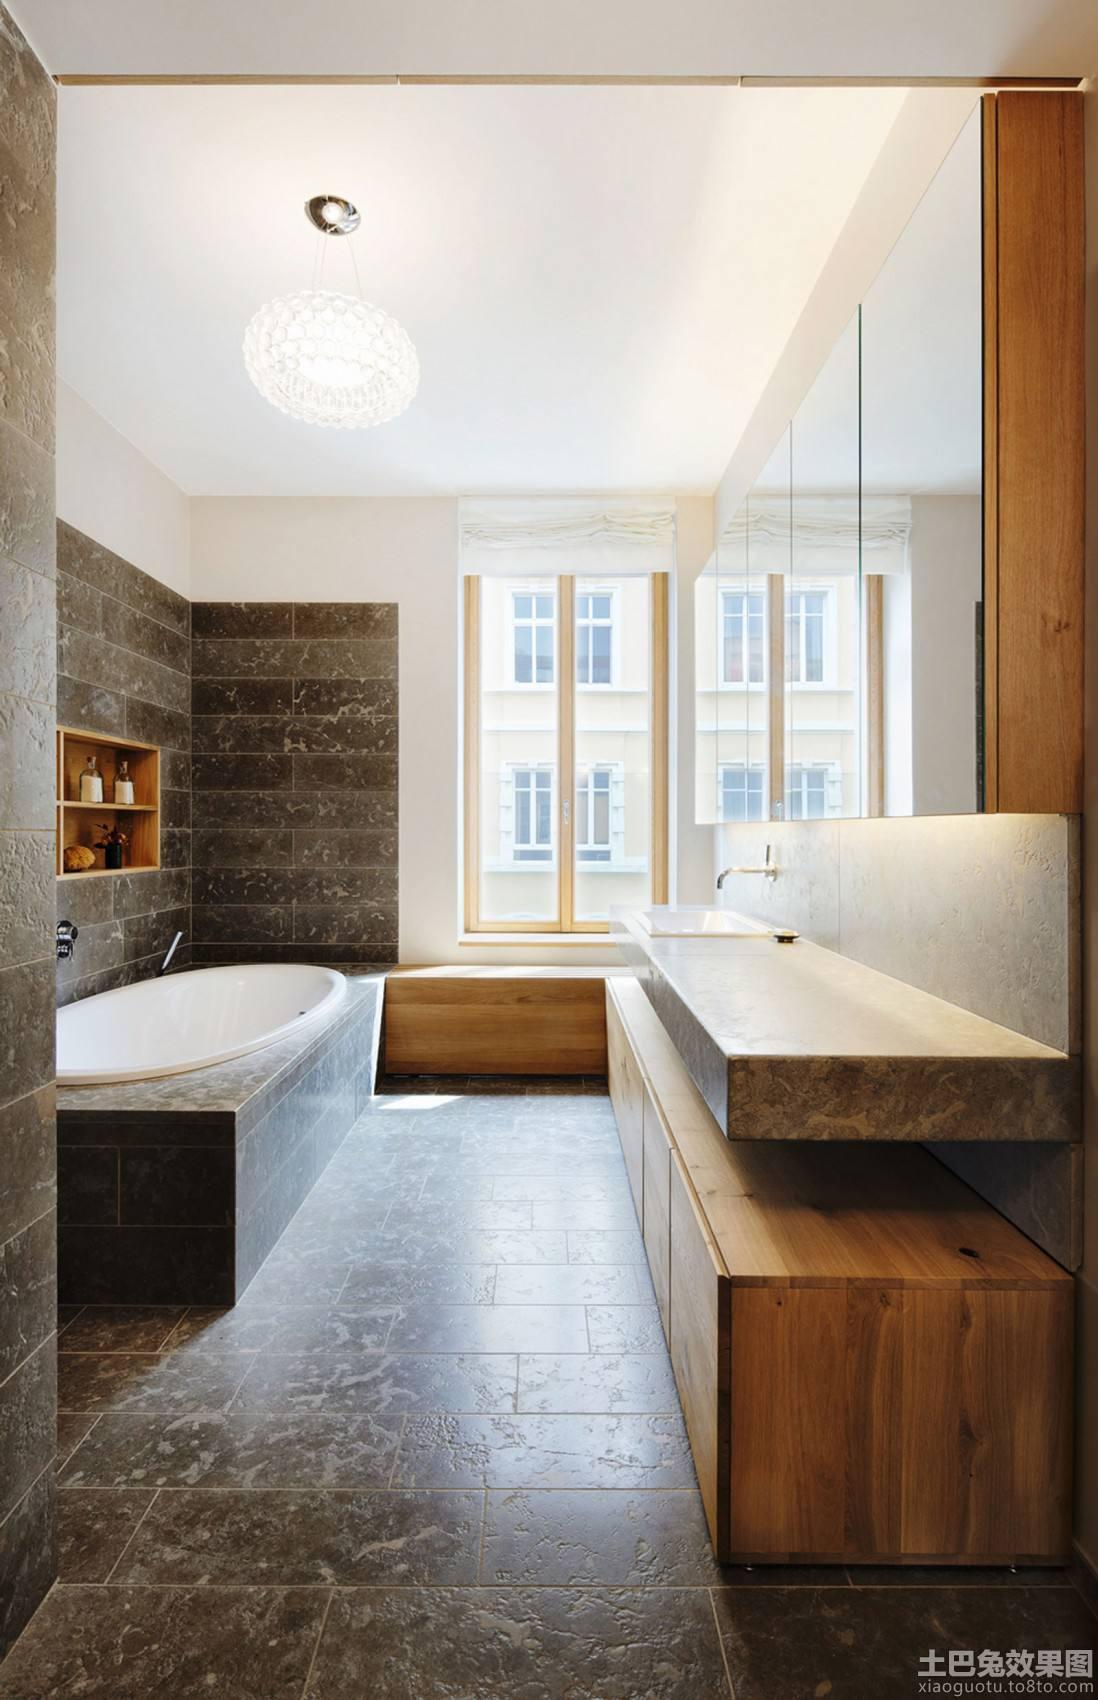 小别墅地板砖装修图别墅楼梯地板砖效果图图片6